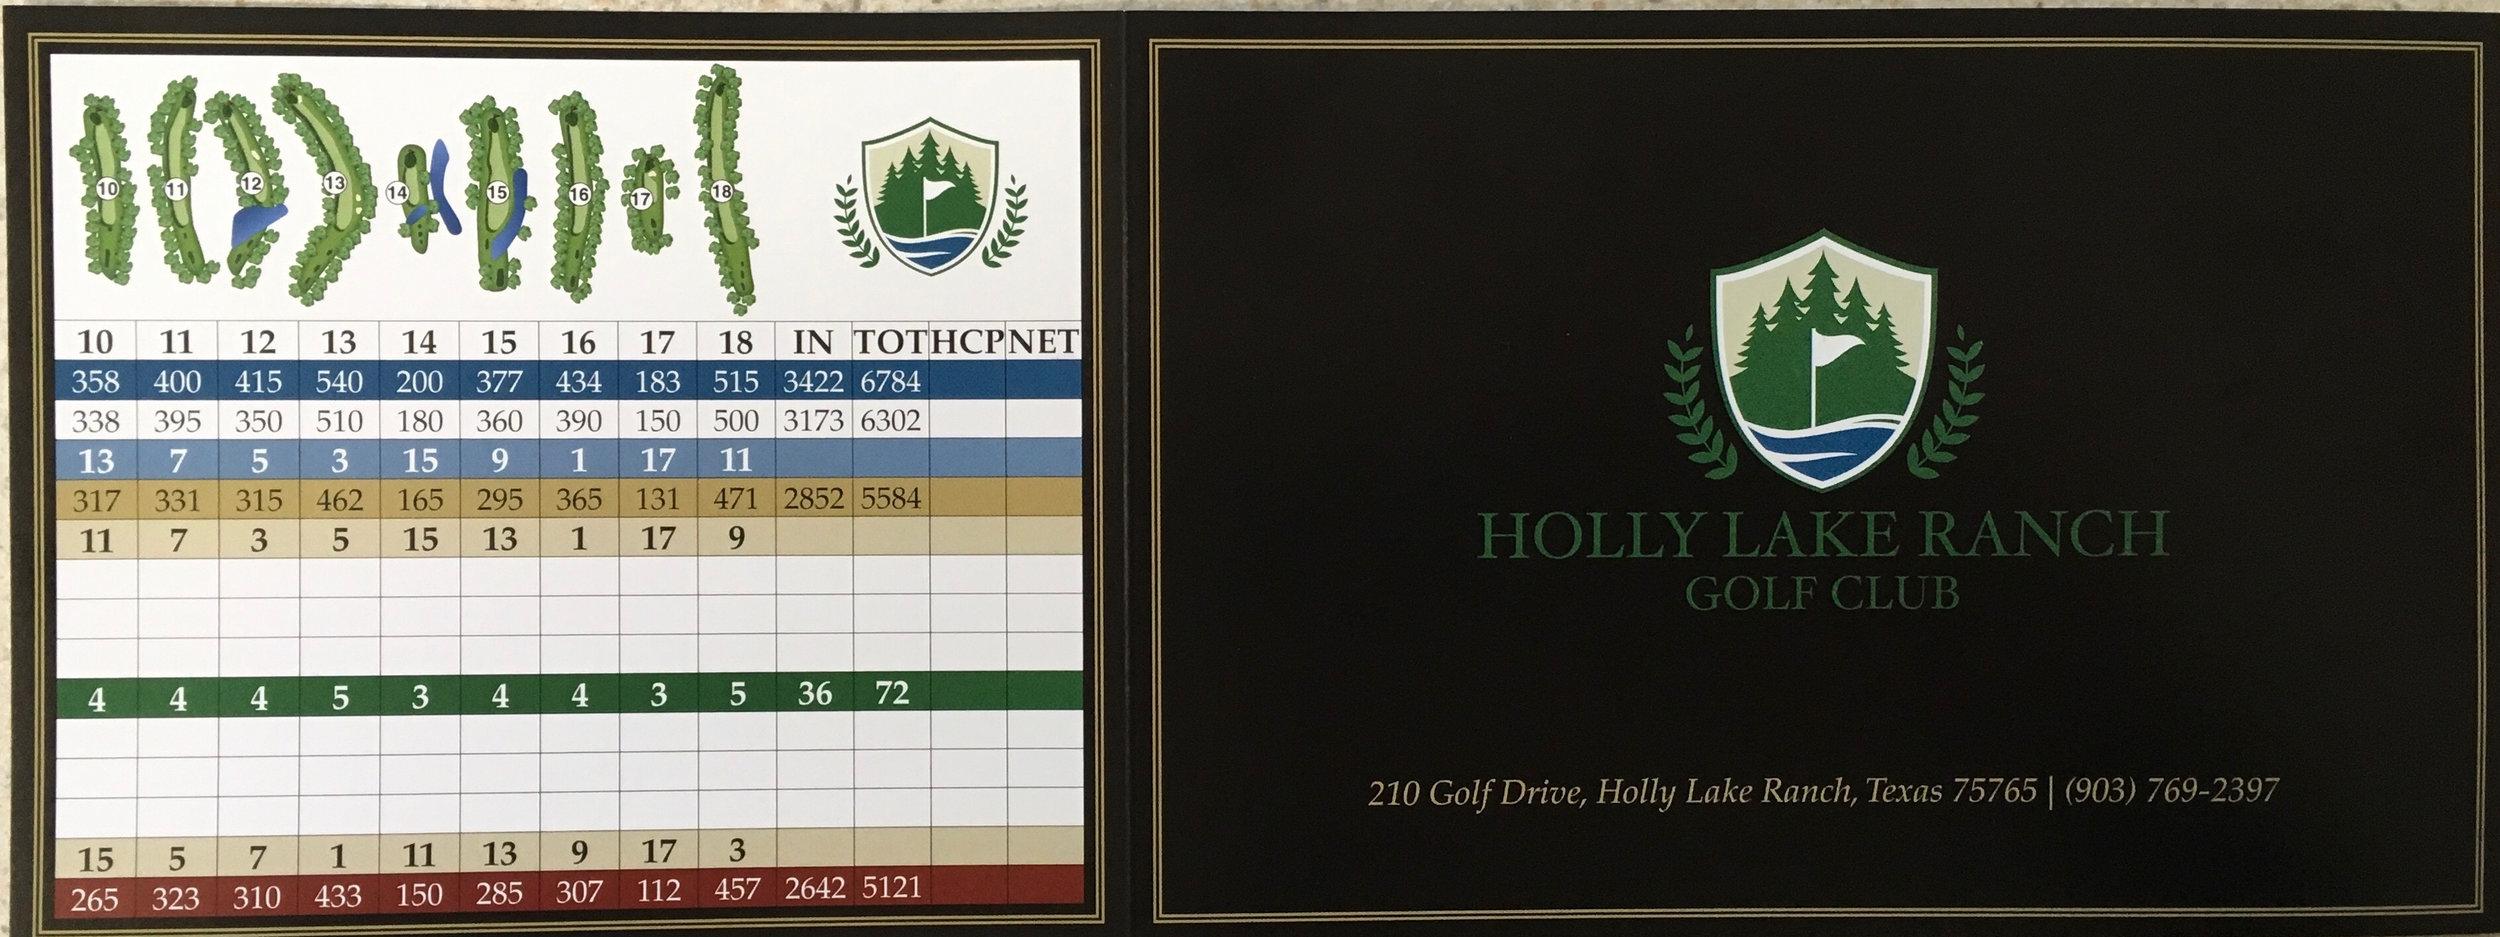 Holly Lake Ranch Golf Club Scorecard 10-18.jpg